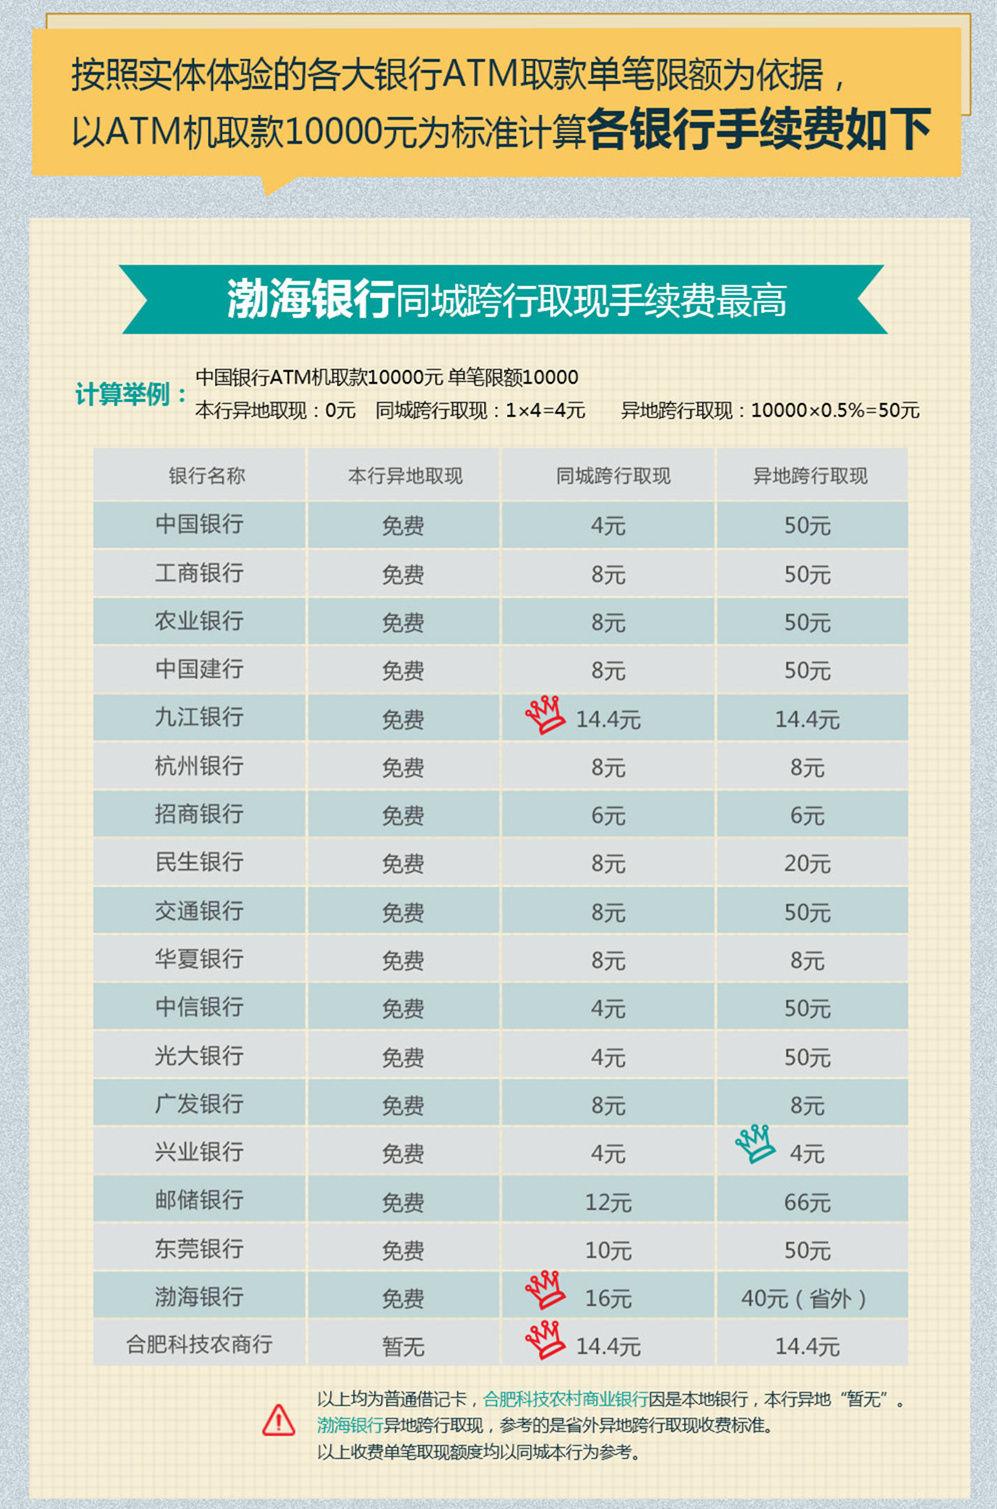 2017年跨行取款收费么_2017年跨行取钱收费吗_2017中国银行跨行取款